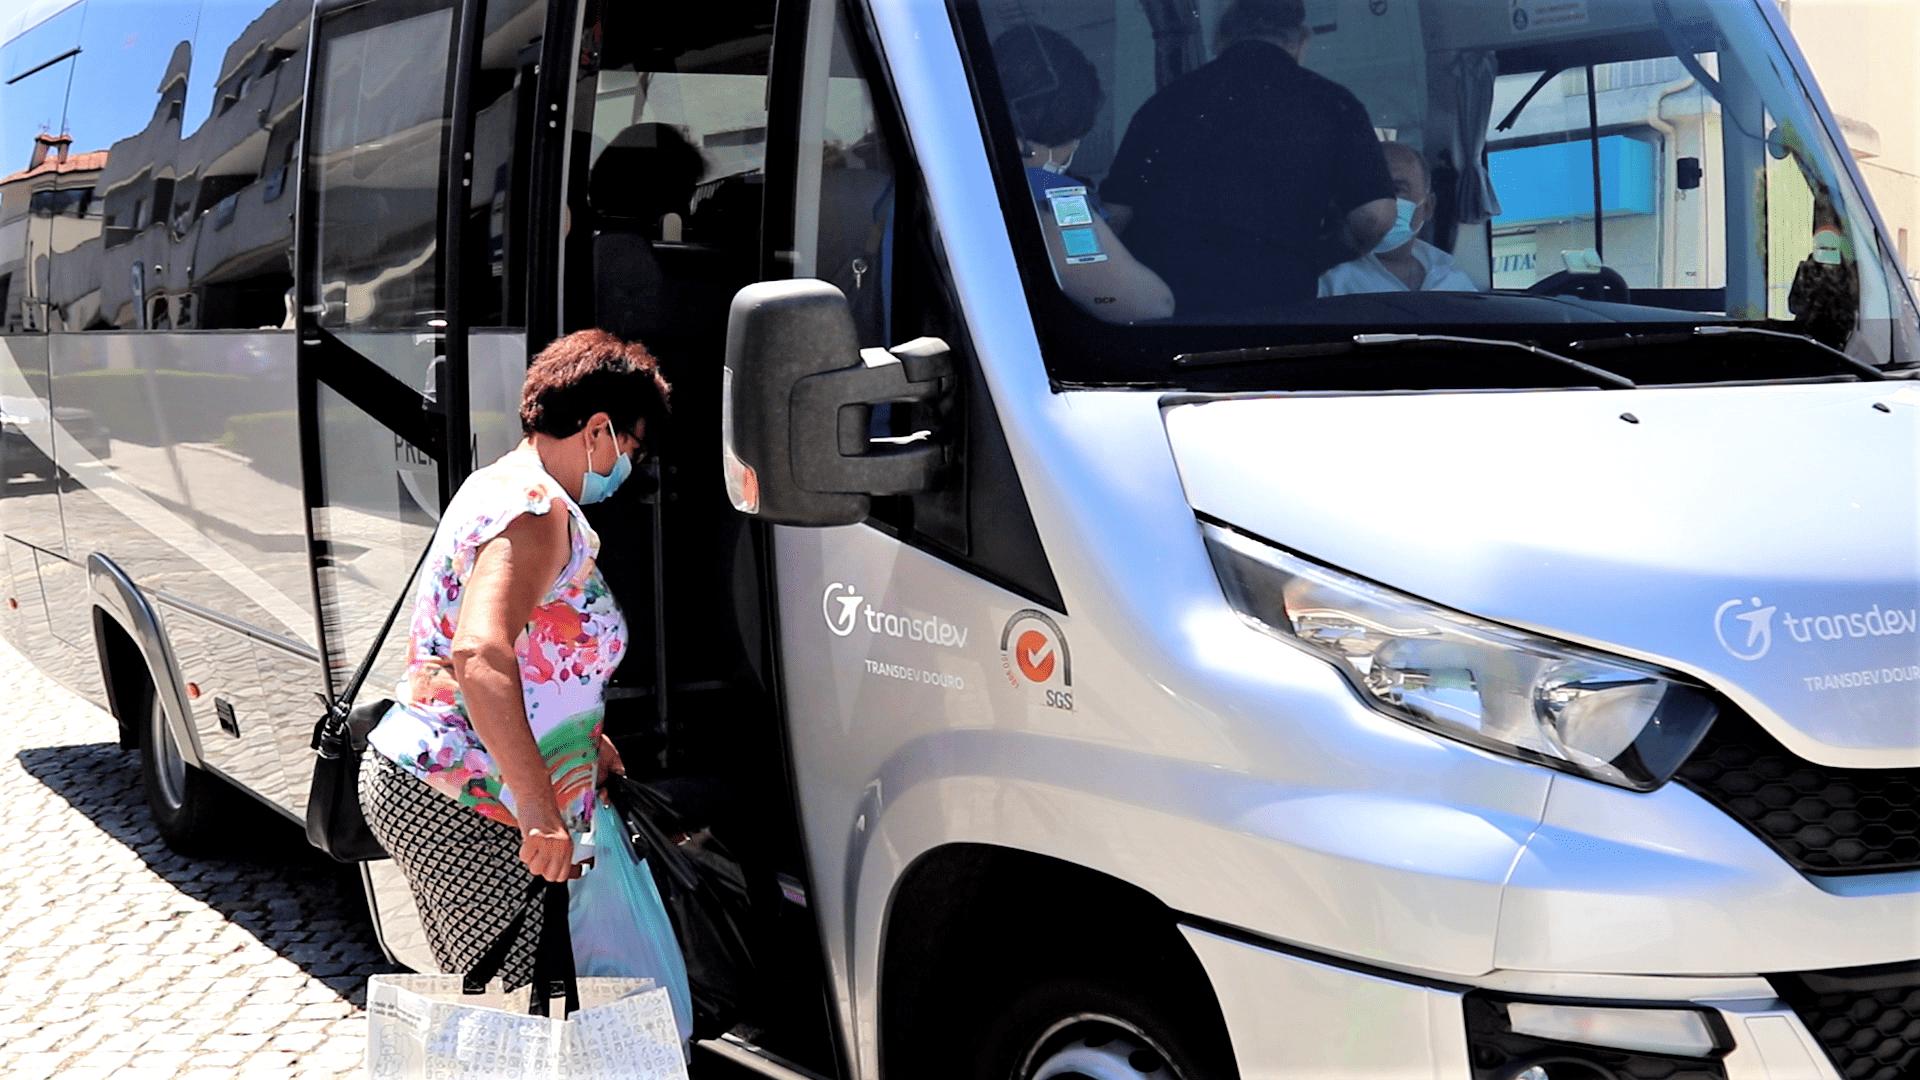 Transportes públicos retomam no  concelho de Baião a 20 de julho